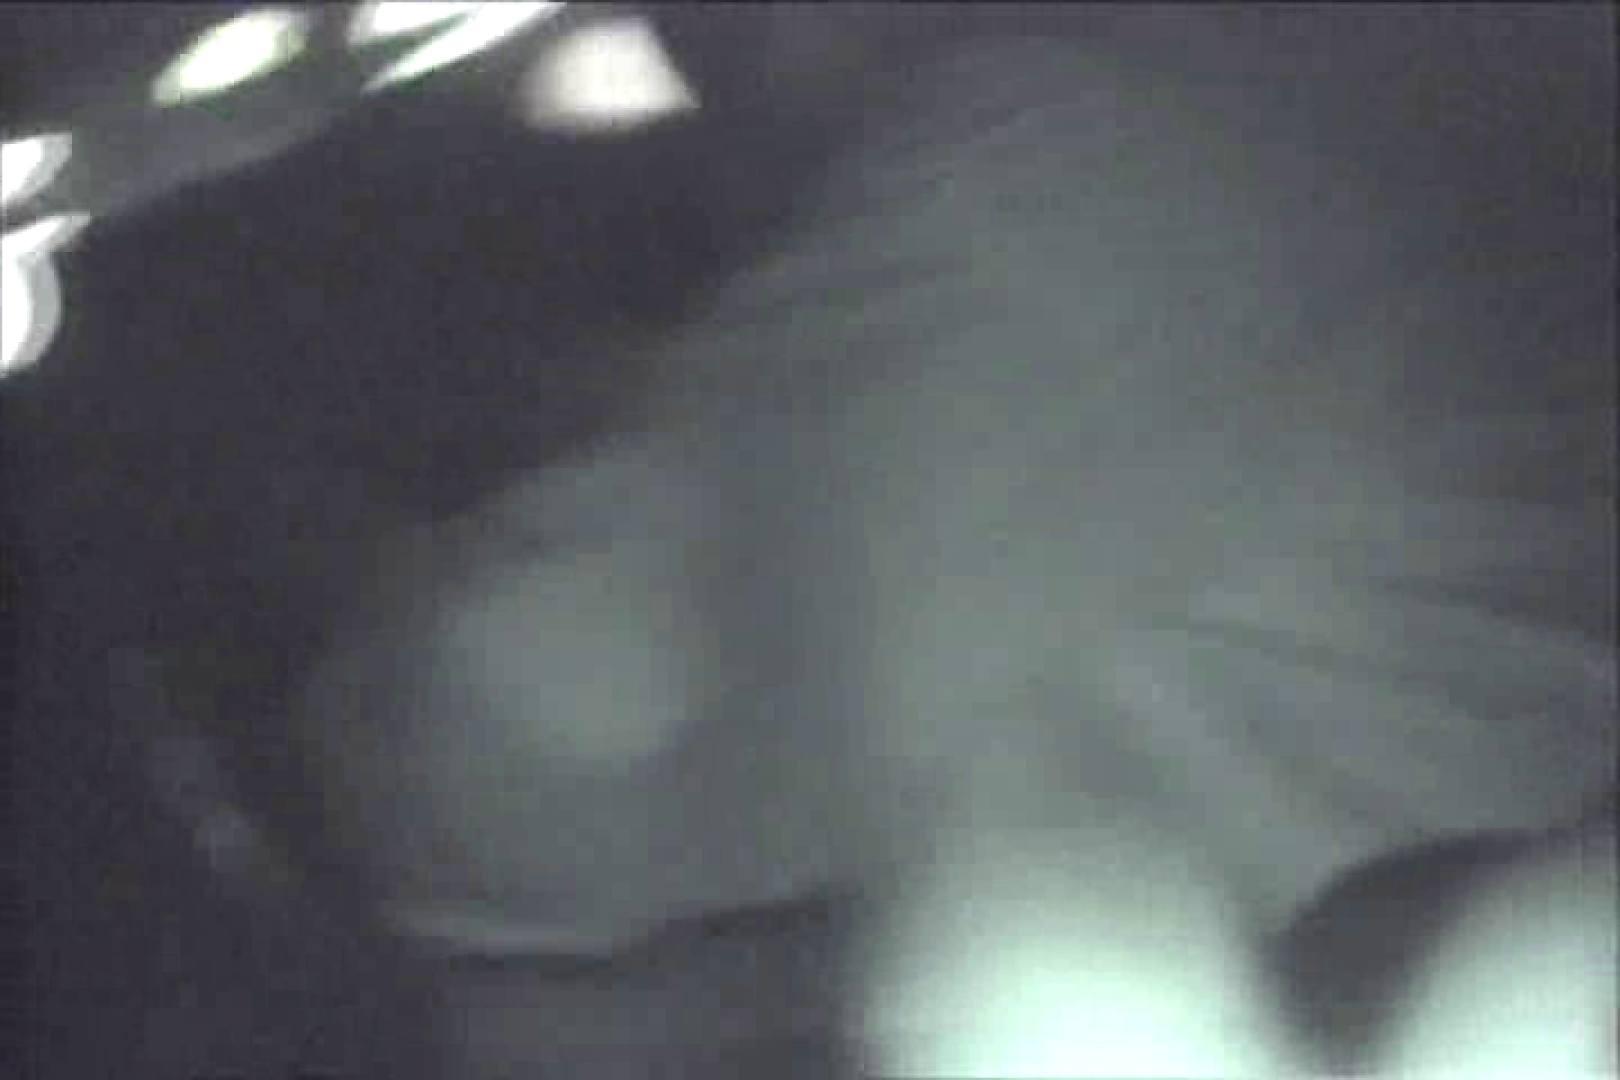 車の中はラブホテル 無修正版  Vol.18 ラブホテル隠し撮り  100pic 63